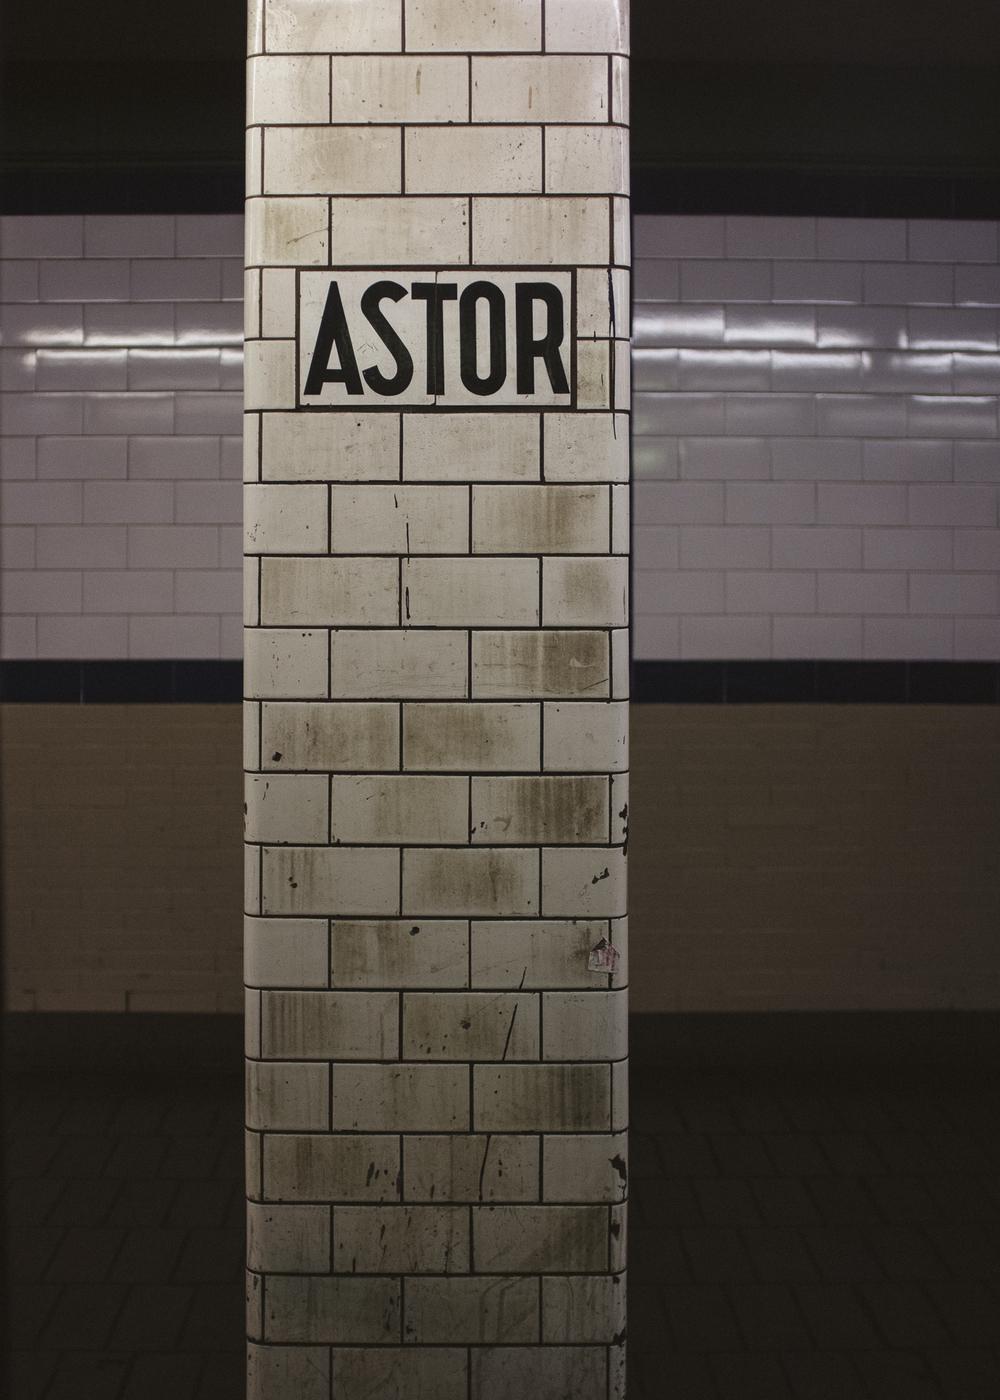 Astor Pl Station, East Village, Manhattan; September 2014